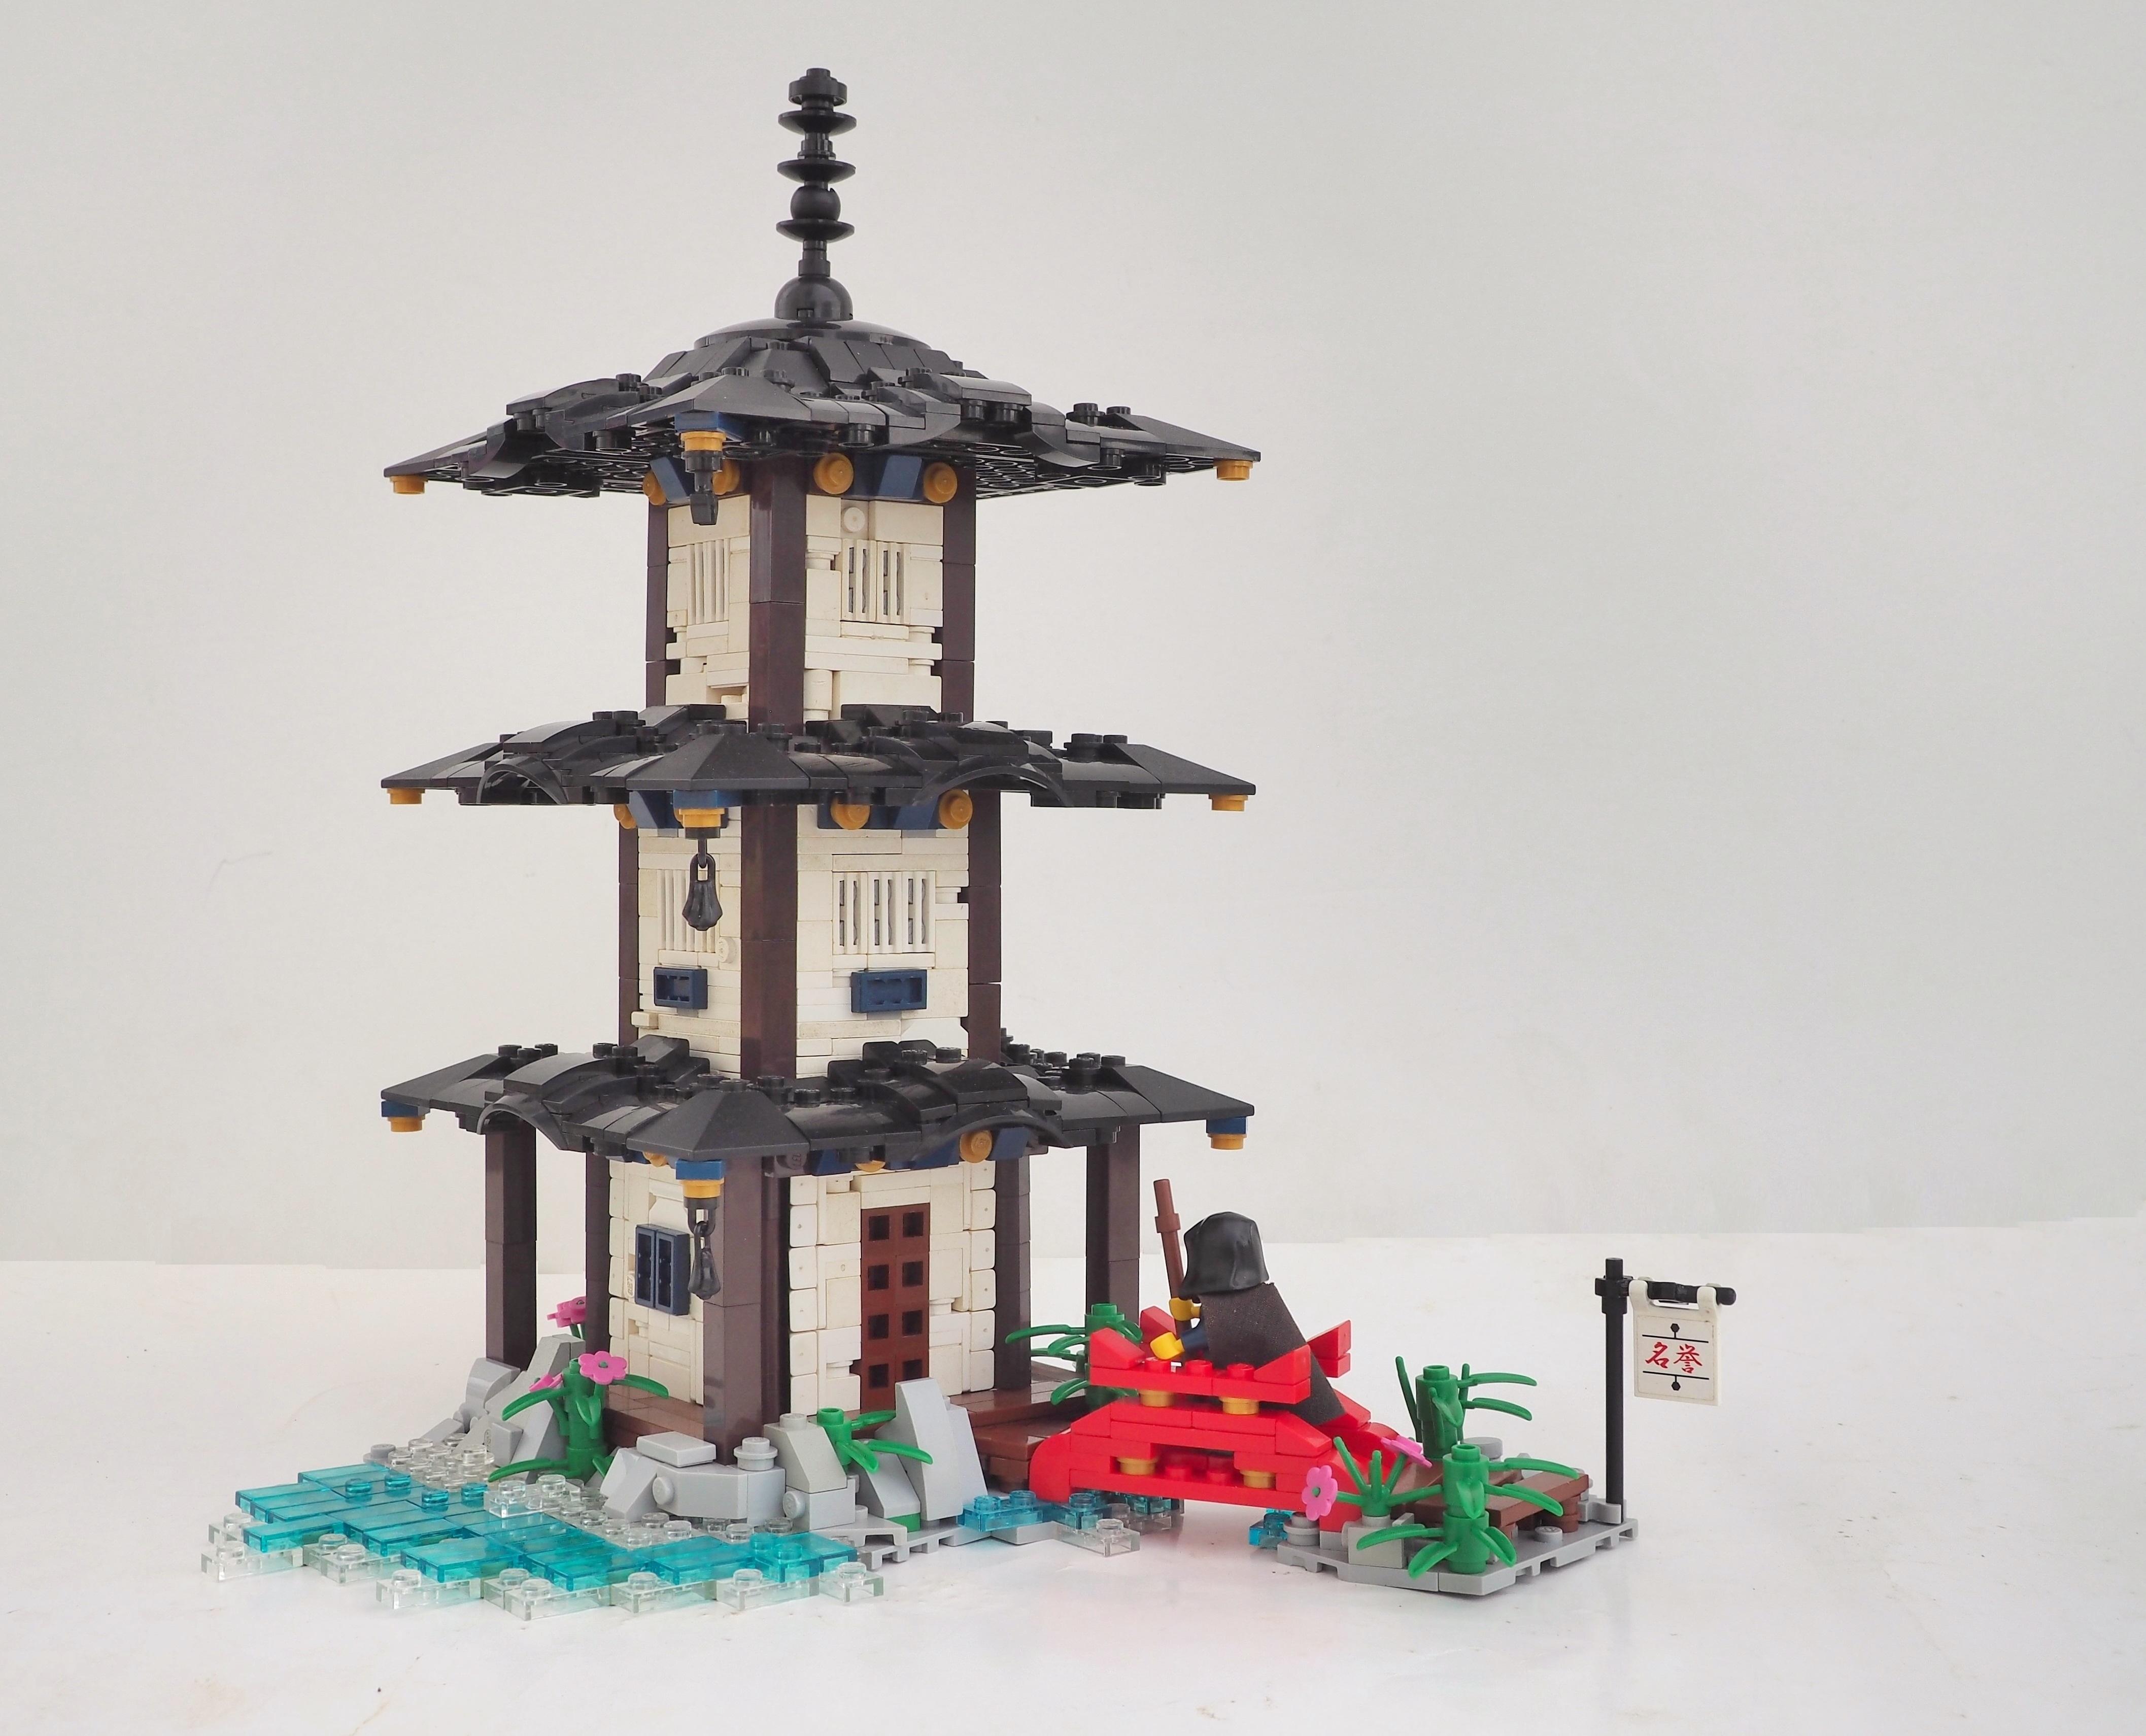 Fond D Ecran Temple Lego Village Drapeau Pont Japonais Jouet Toit Moine Construire Tournoi 4229x3421 830798 Fond D Ecran Wallhere